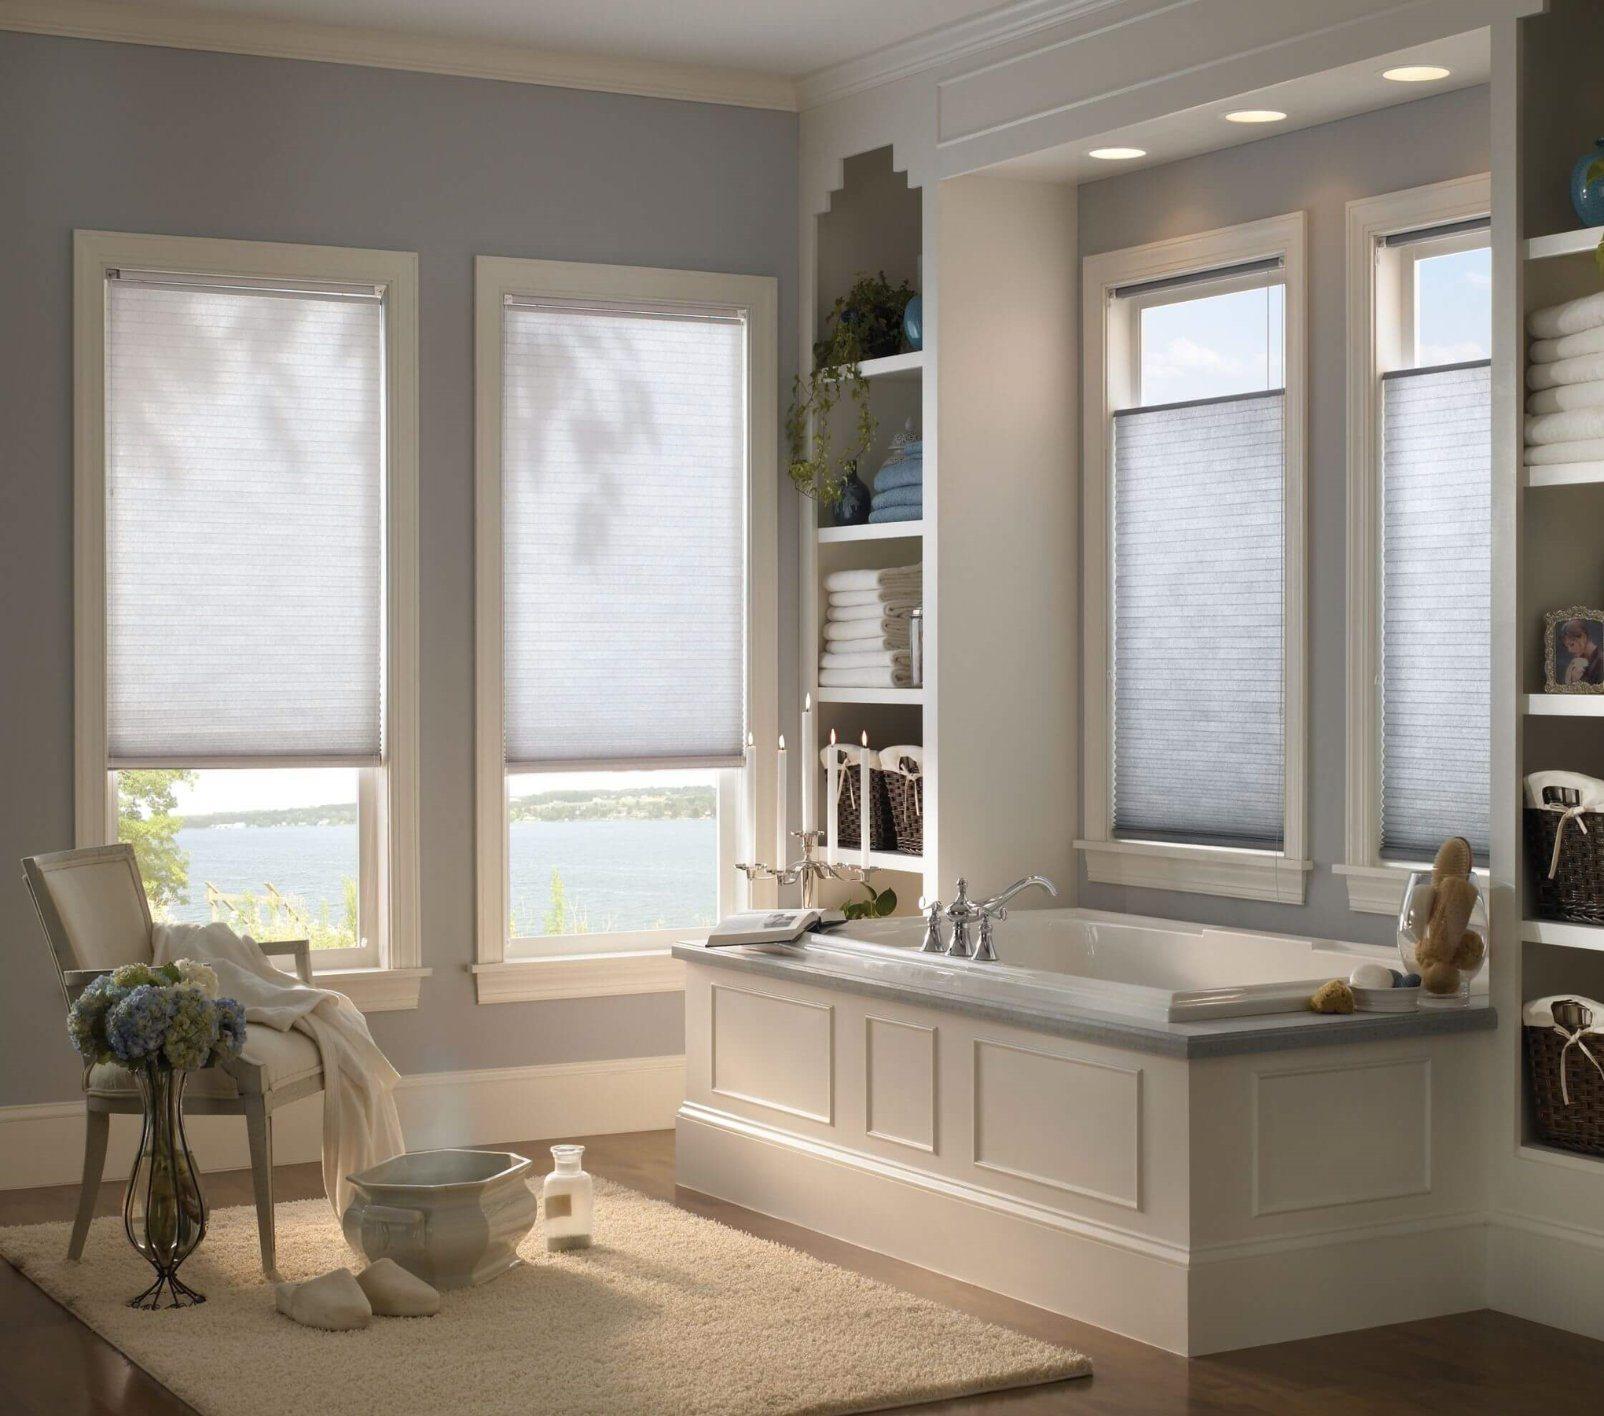 Bathroom Kitchen Windows Doors, Best Blinds For Bathroom